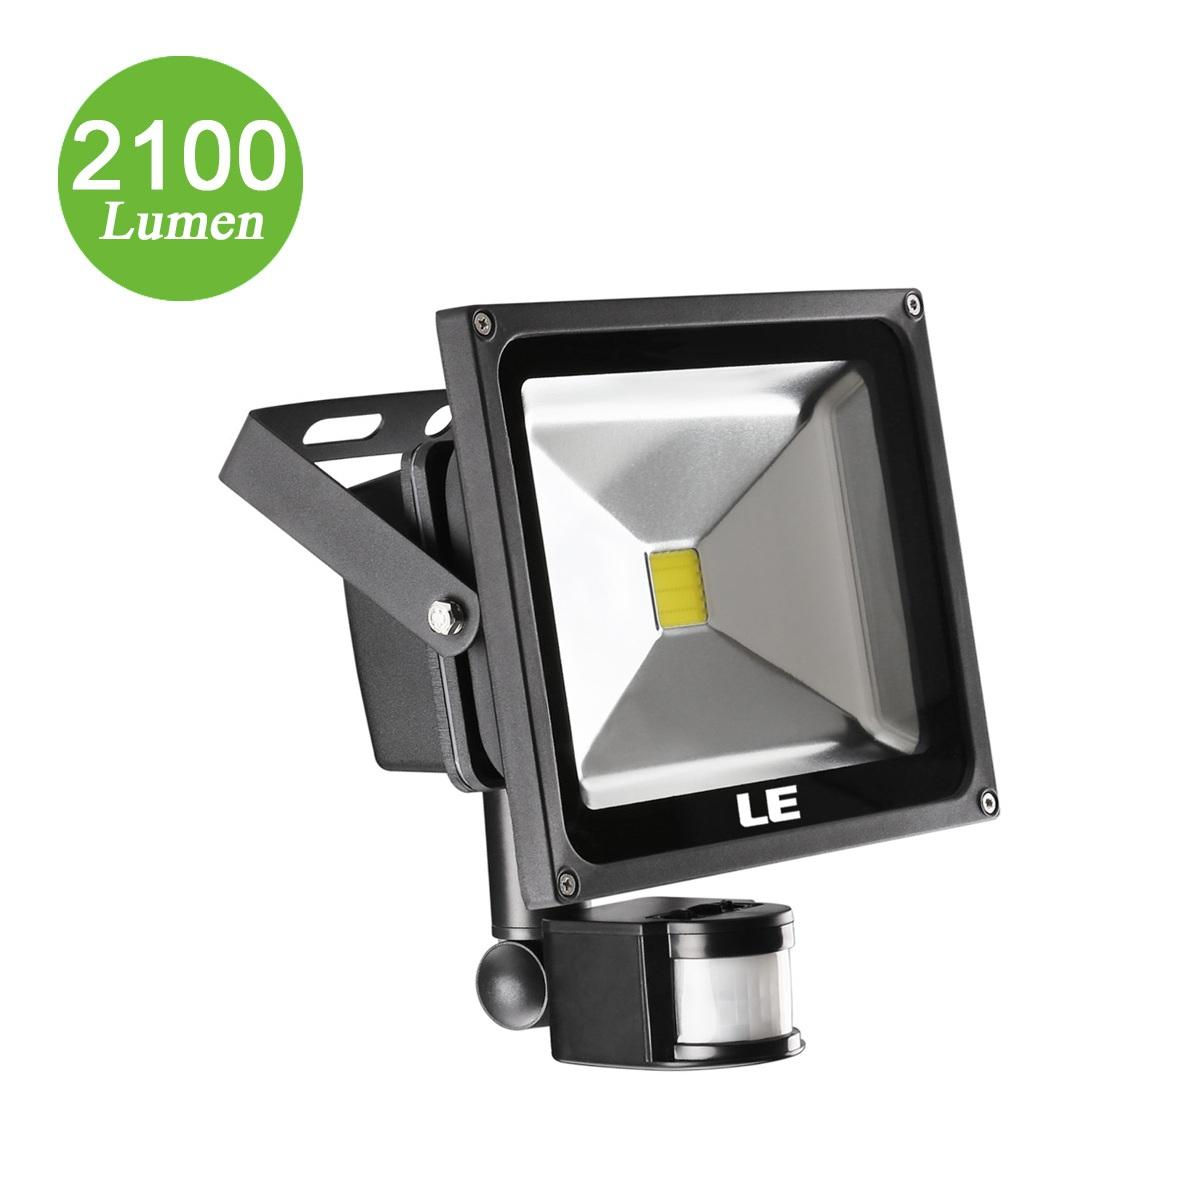 30W LED Strahler mit Bewegungsmelder, 2100lm Fluter, entspricht 75W HPS, Kaltweiß, Wasserdicht, Außerbeleuchtung